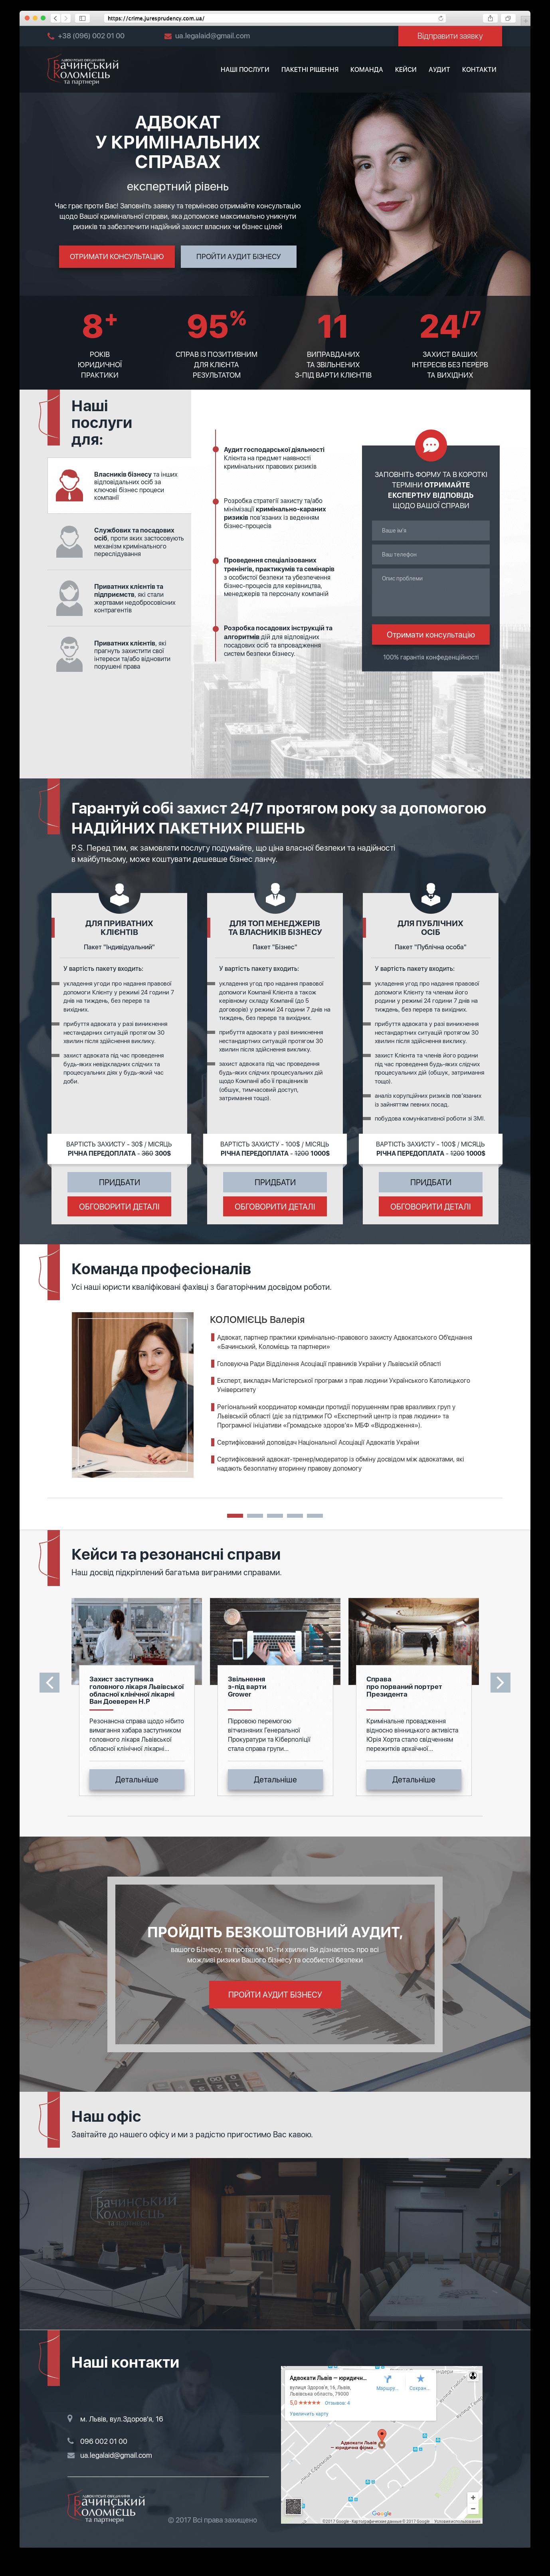 Башенная раскрутка сайта seo оптимизация add message абузоустойчивый хостинг в нидерландах free